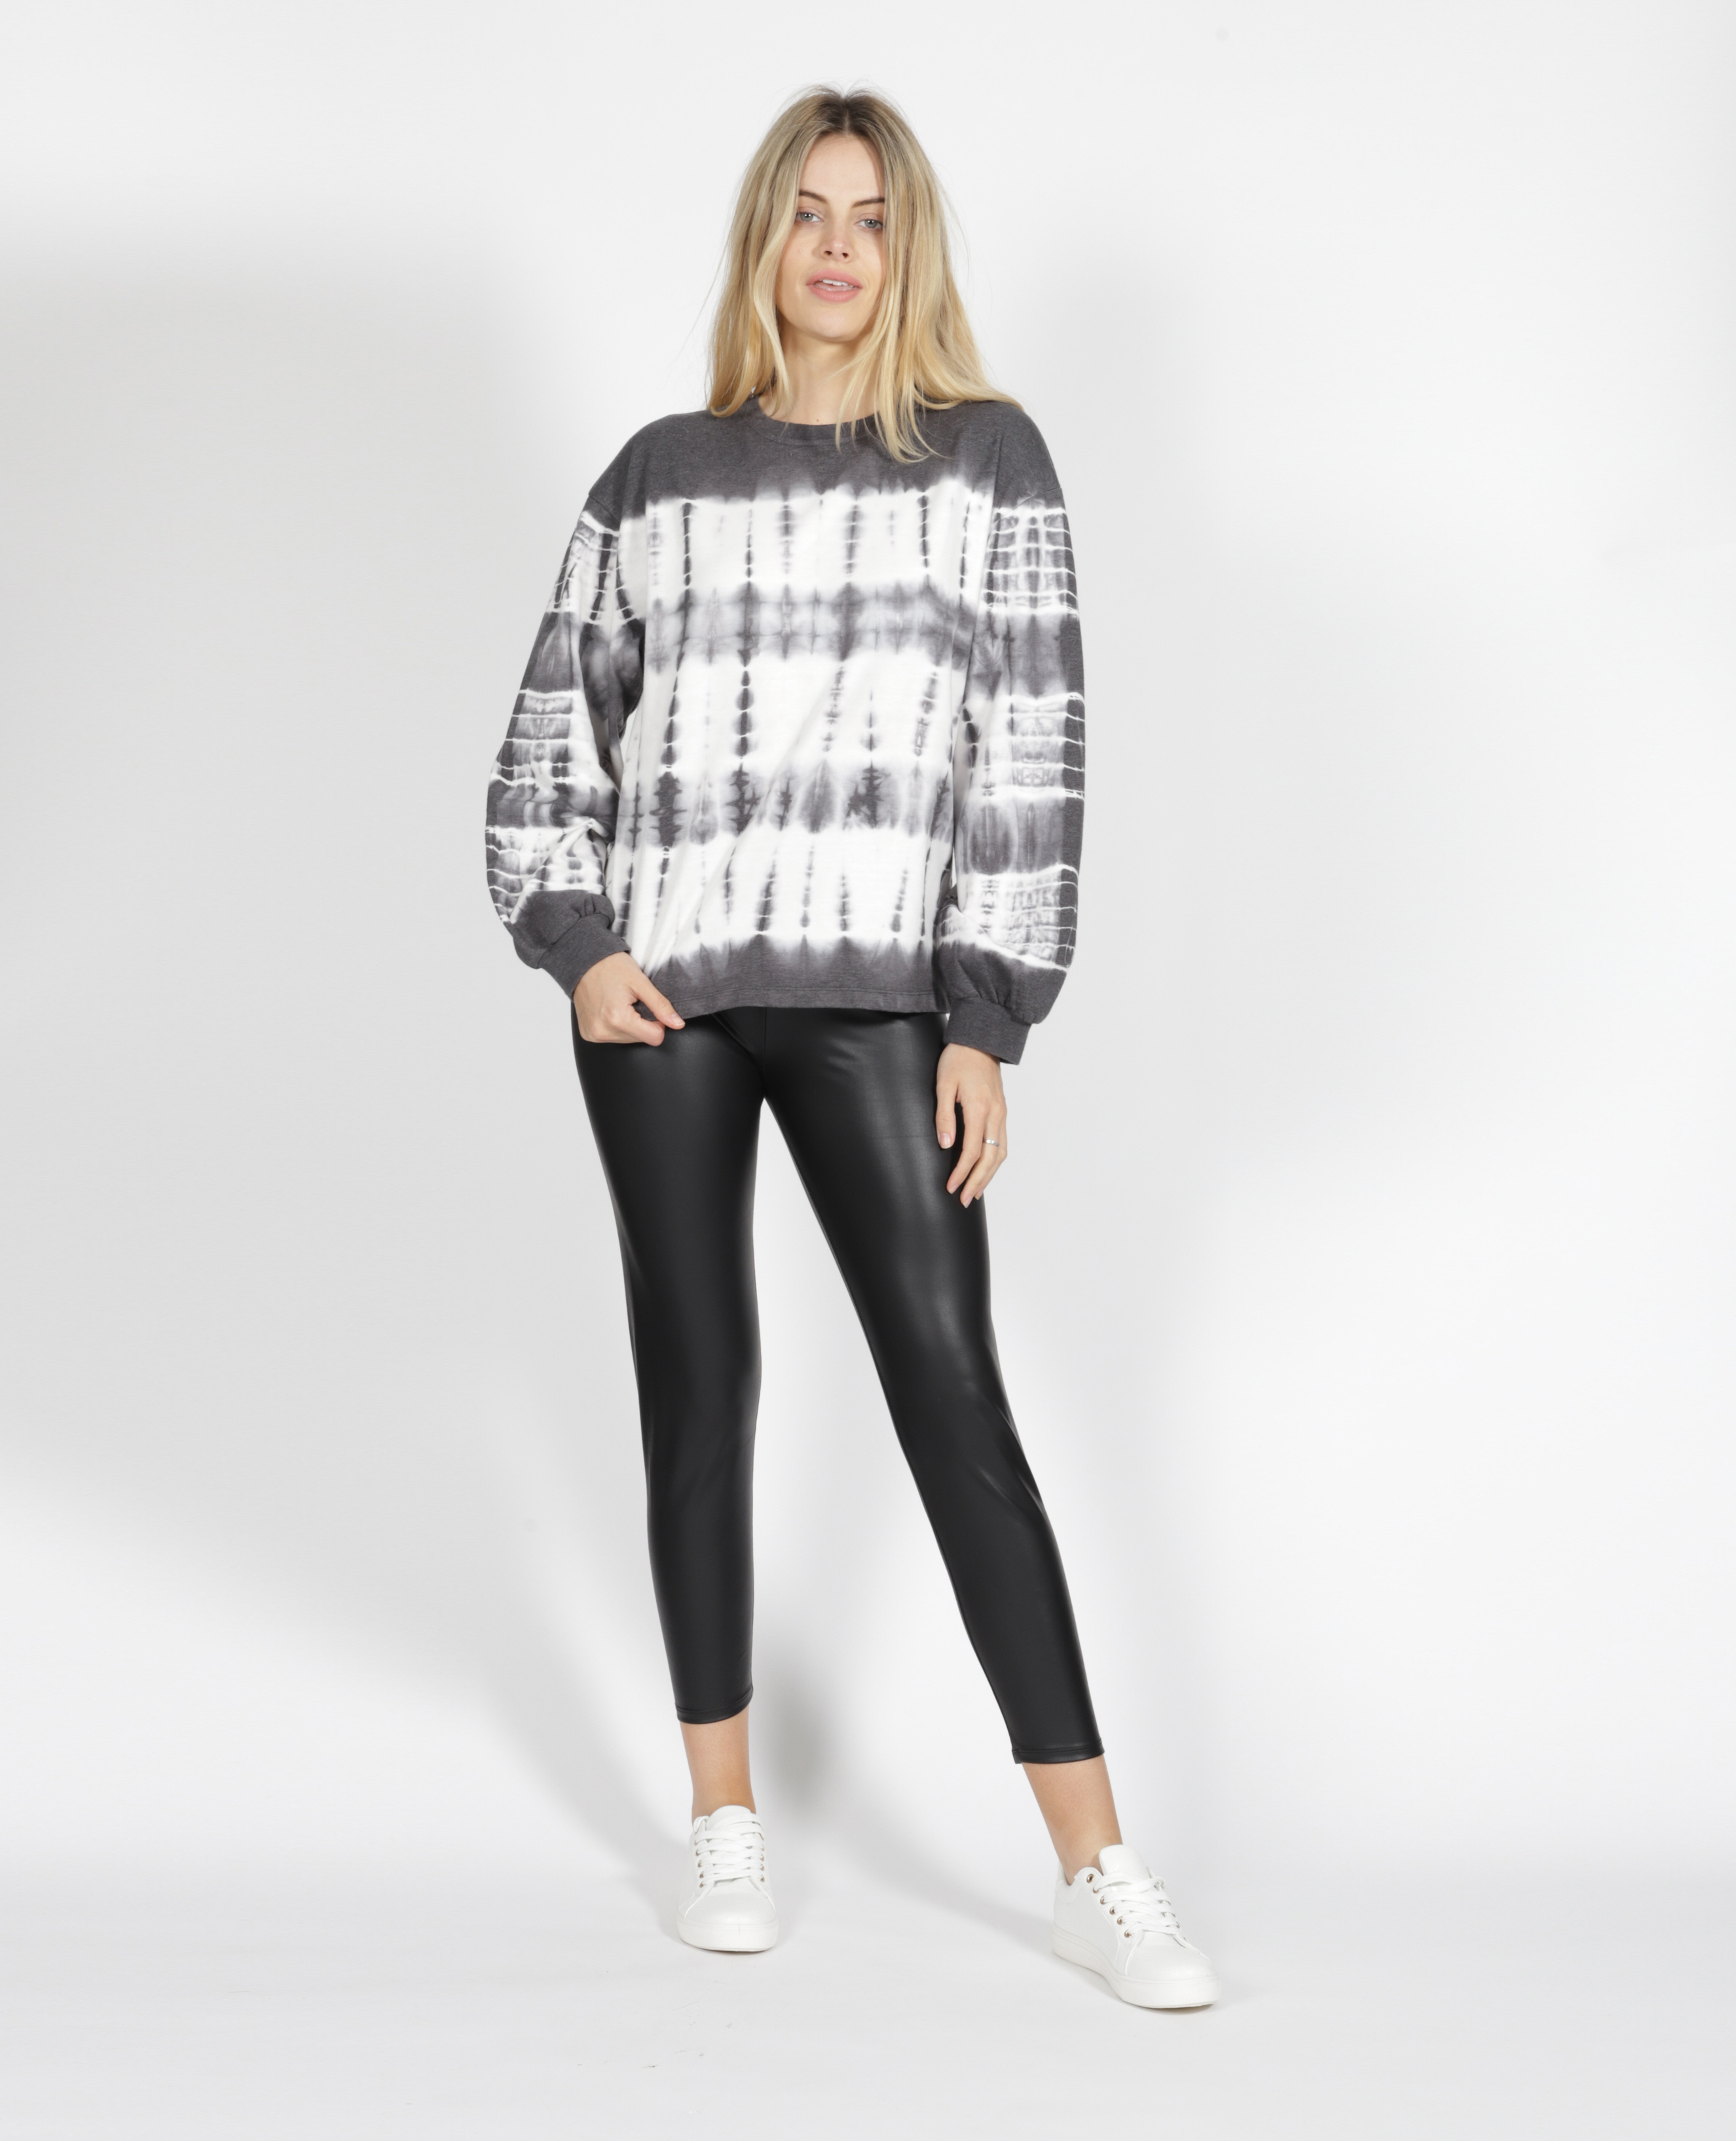 Sass Masie Sweater